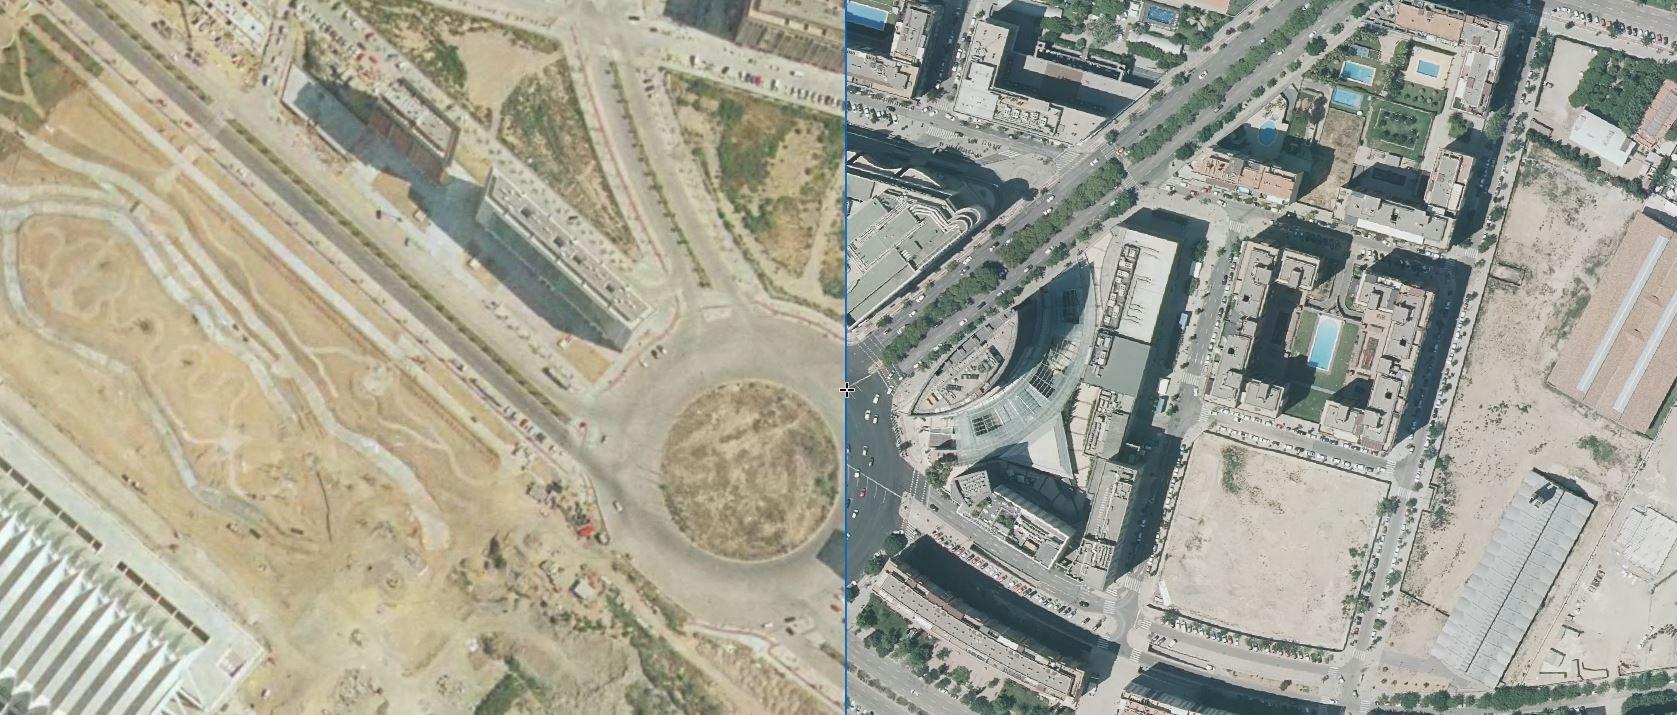 El Corte Inglés de avenida de Francia, antes y después